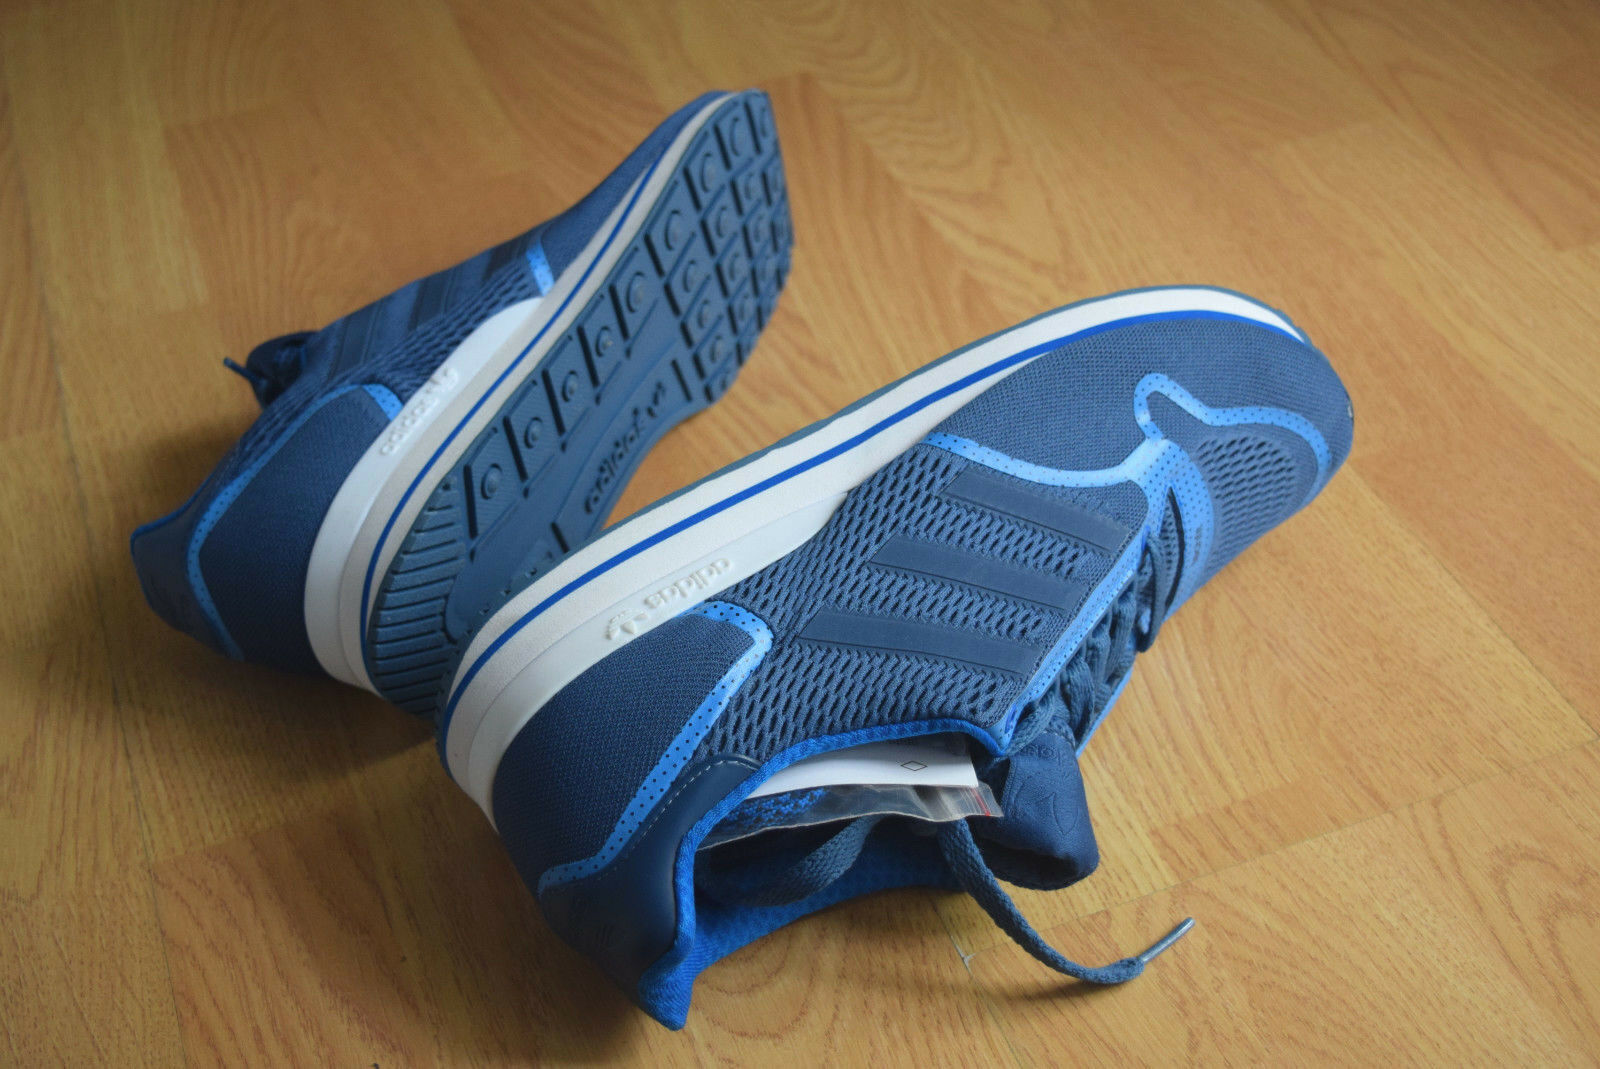 Adidas ZX 500 Tech fit 42 42,5 43 45 47 M19299 OG country techfit superstar 750